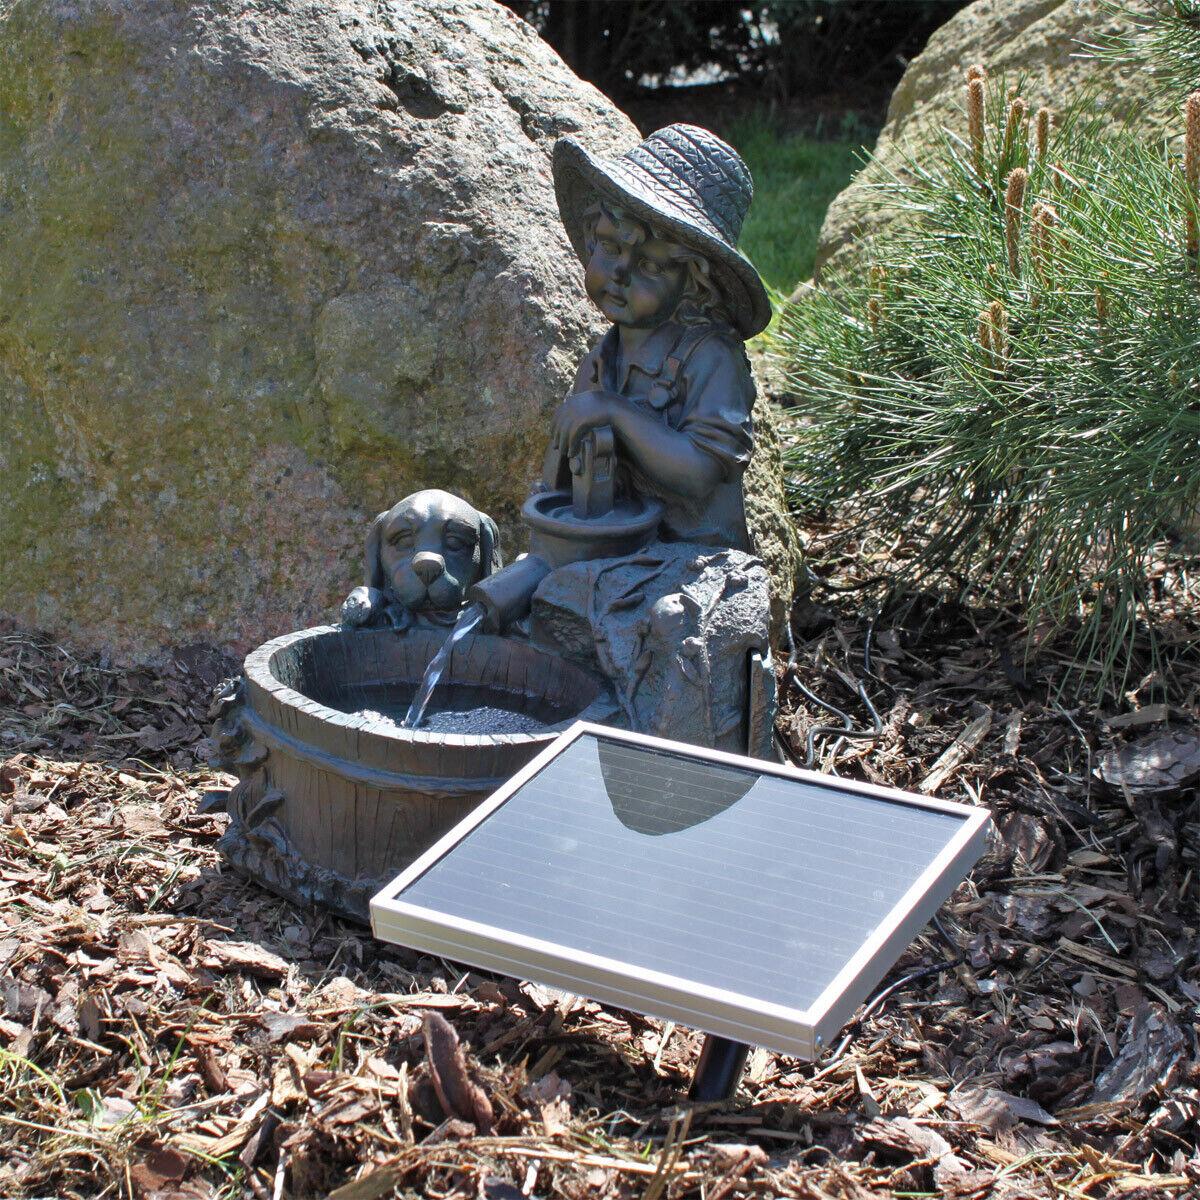 Clgarden solar surtidor nsp5 fuente pozo solar pozo jardín Pozo